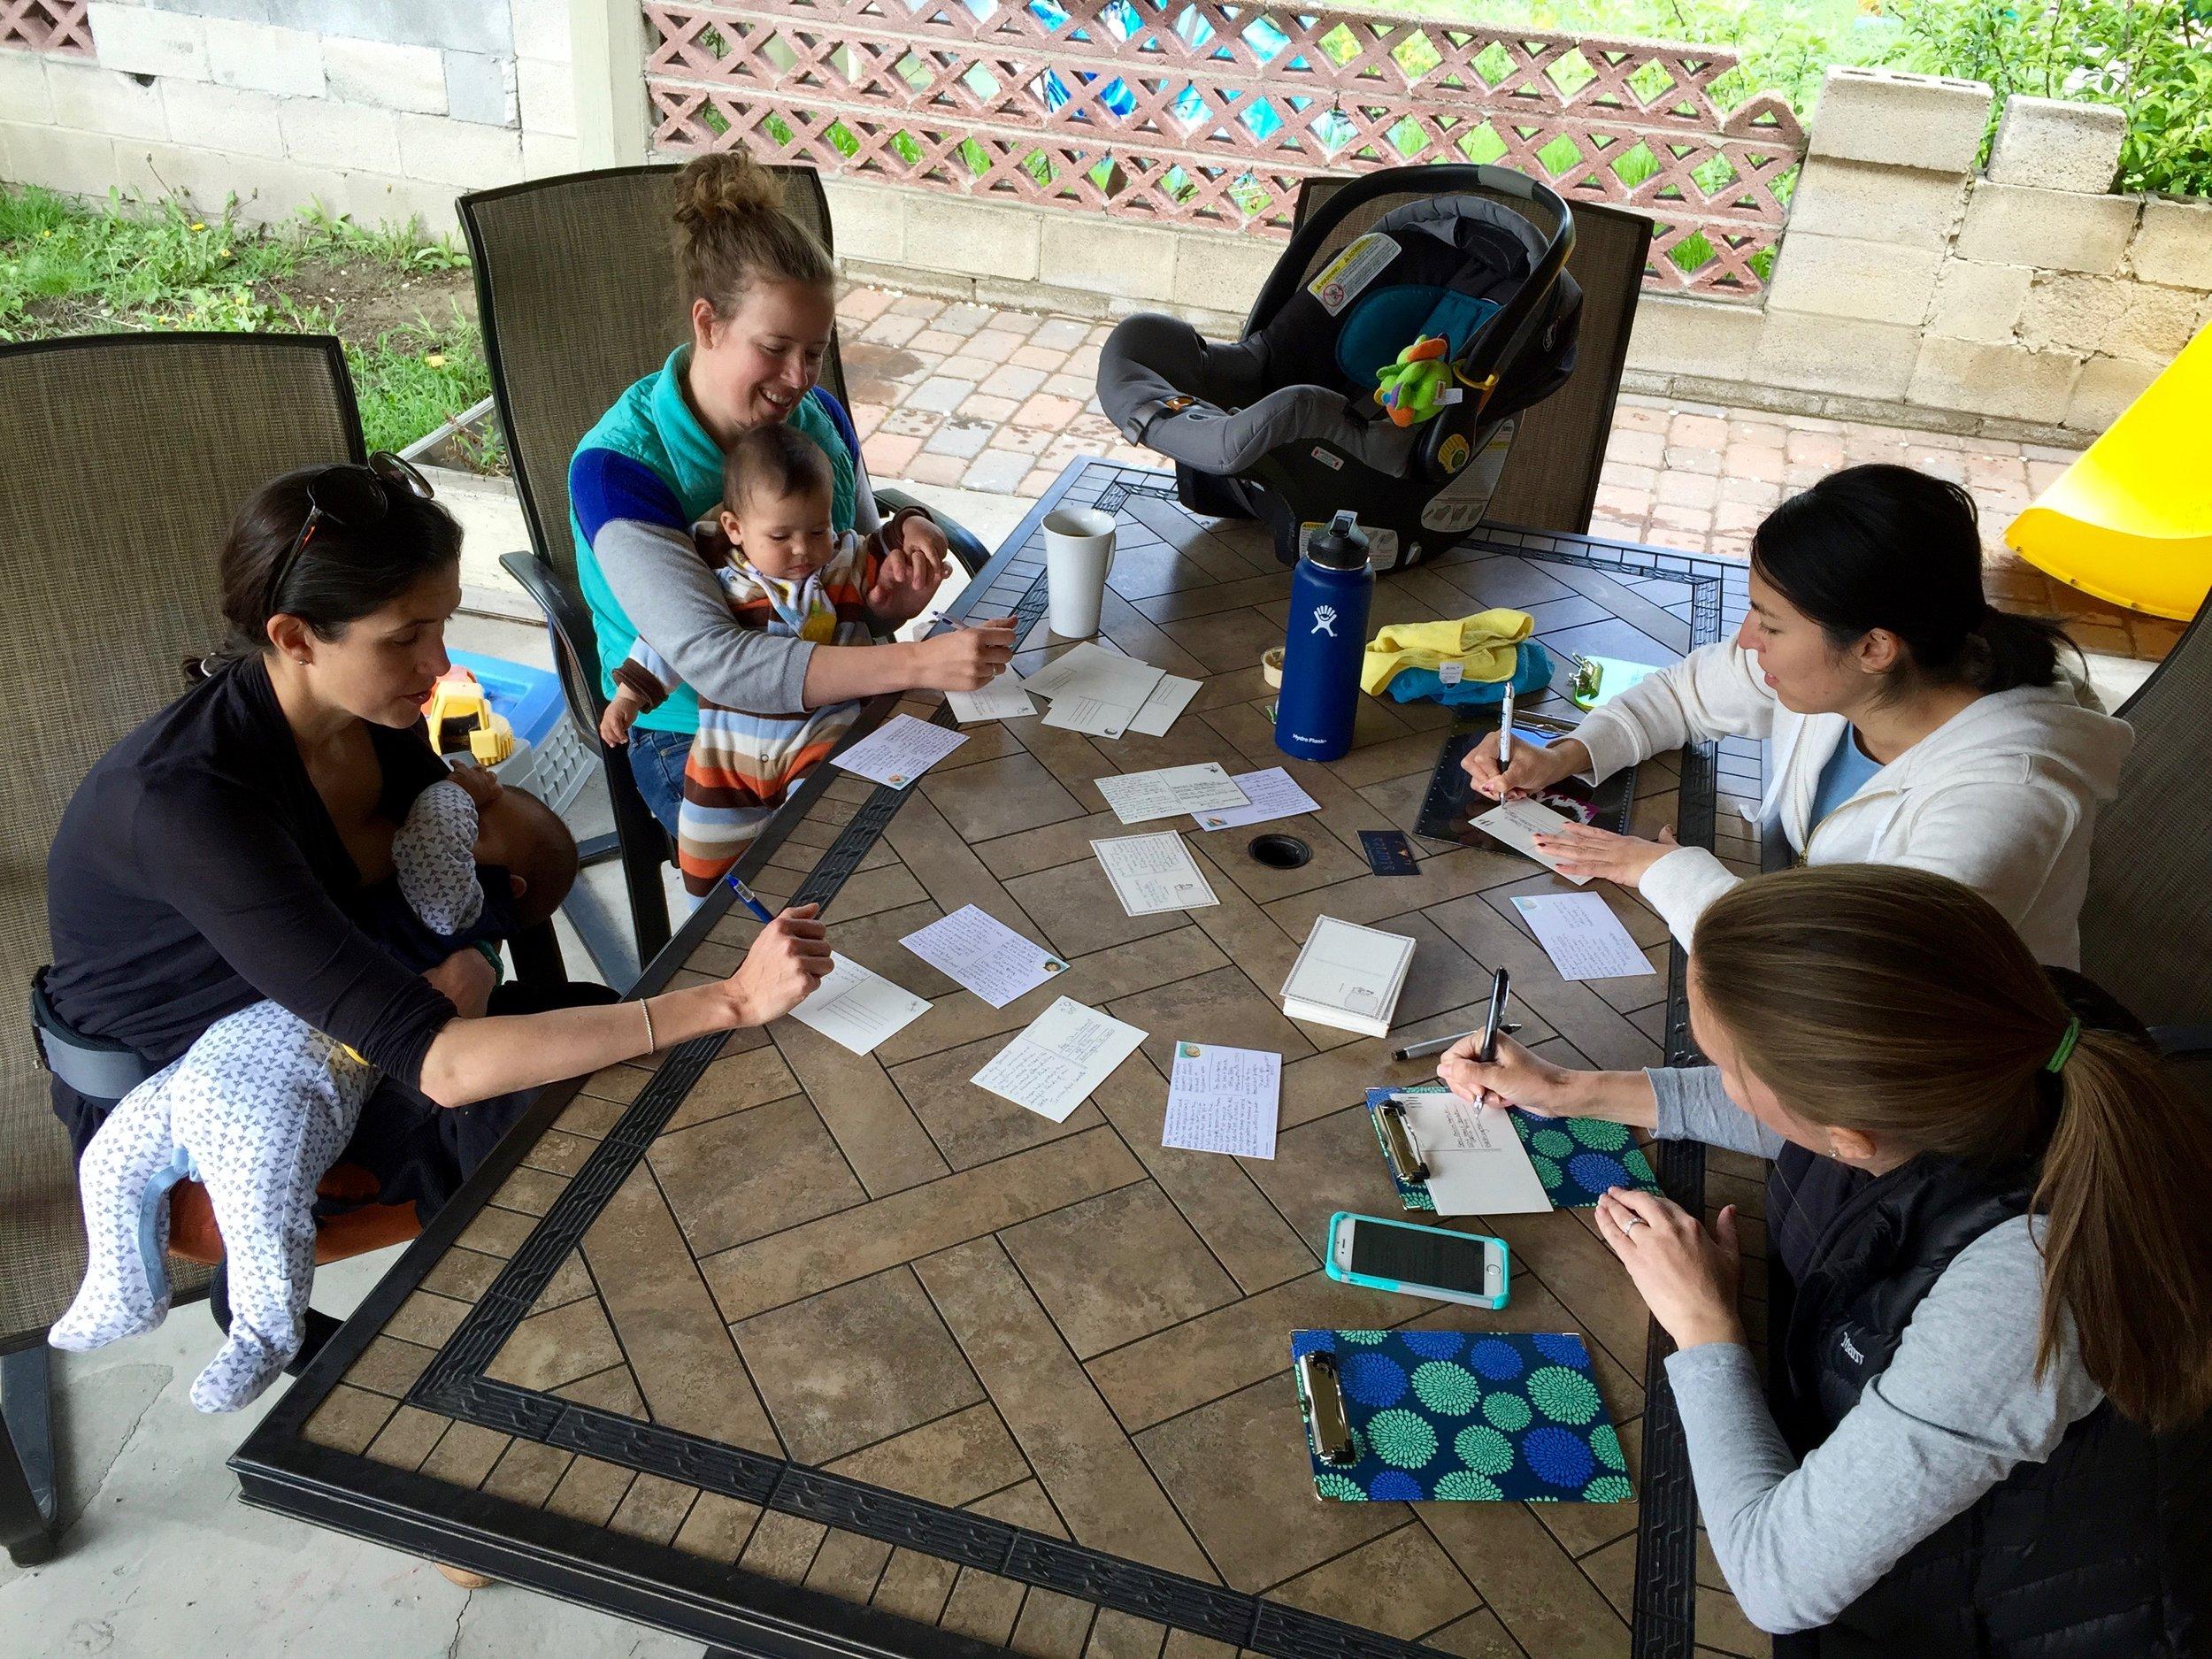 Claire Trapp, Jessica Arce-Larreta, Silvia Catten, and Brienne Henderson write postcards to their representatives in Millcreek, UT. (Andrea Smardon)